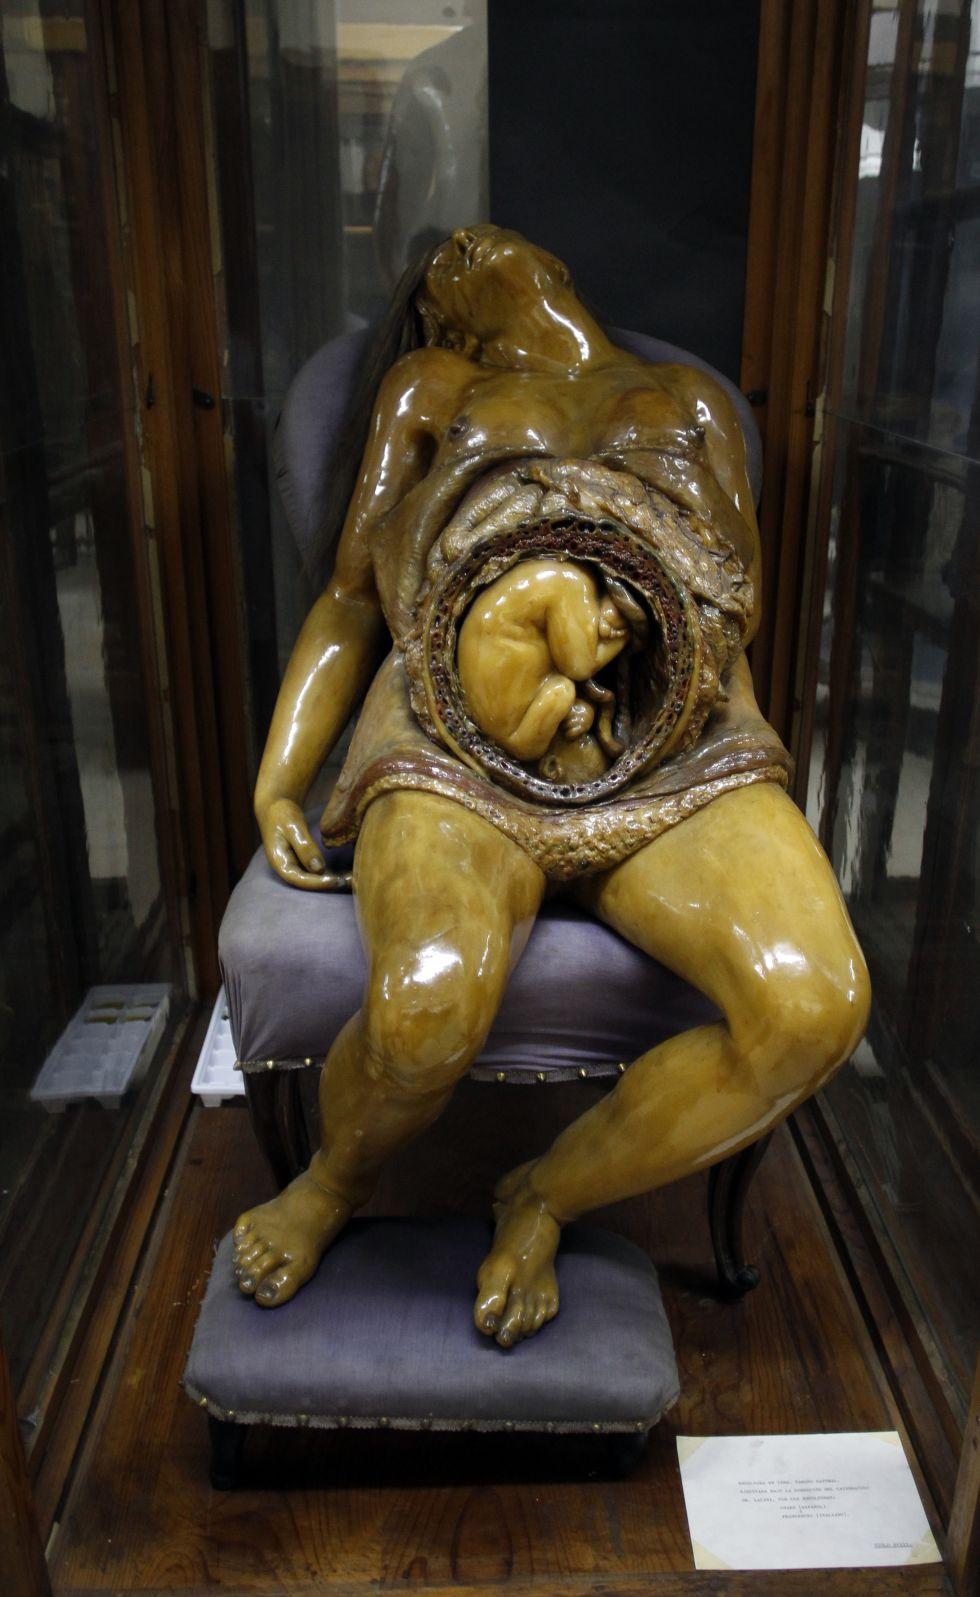 La parturienta da una lección de anatomía 1358011079_190249_1358185313_noticia_grande